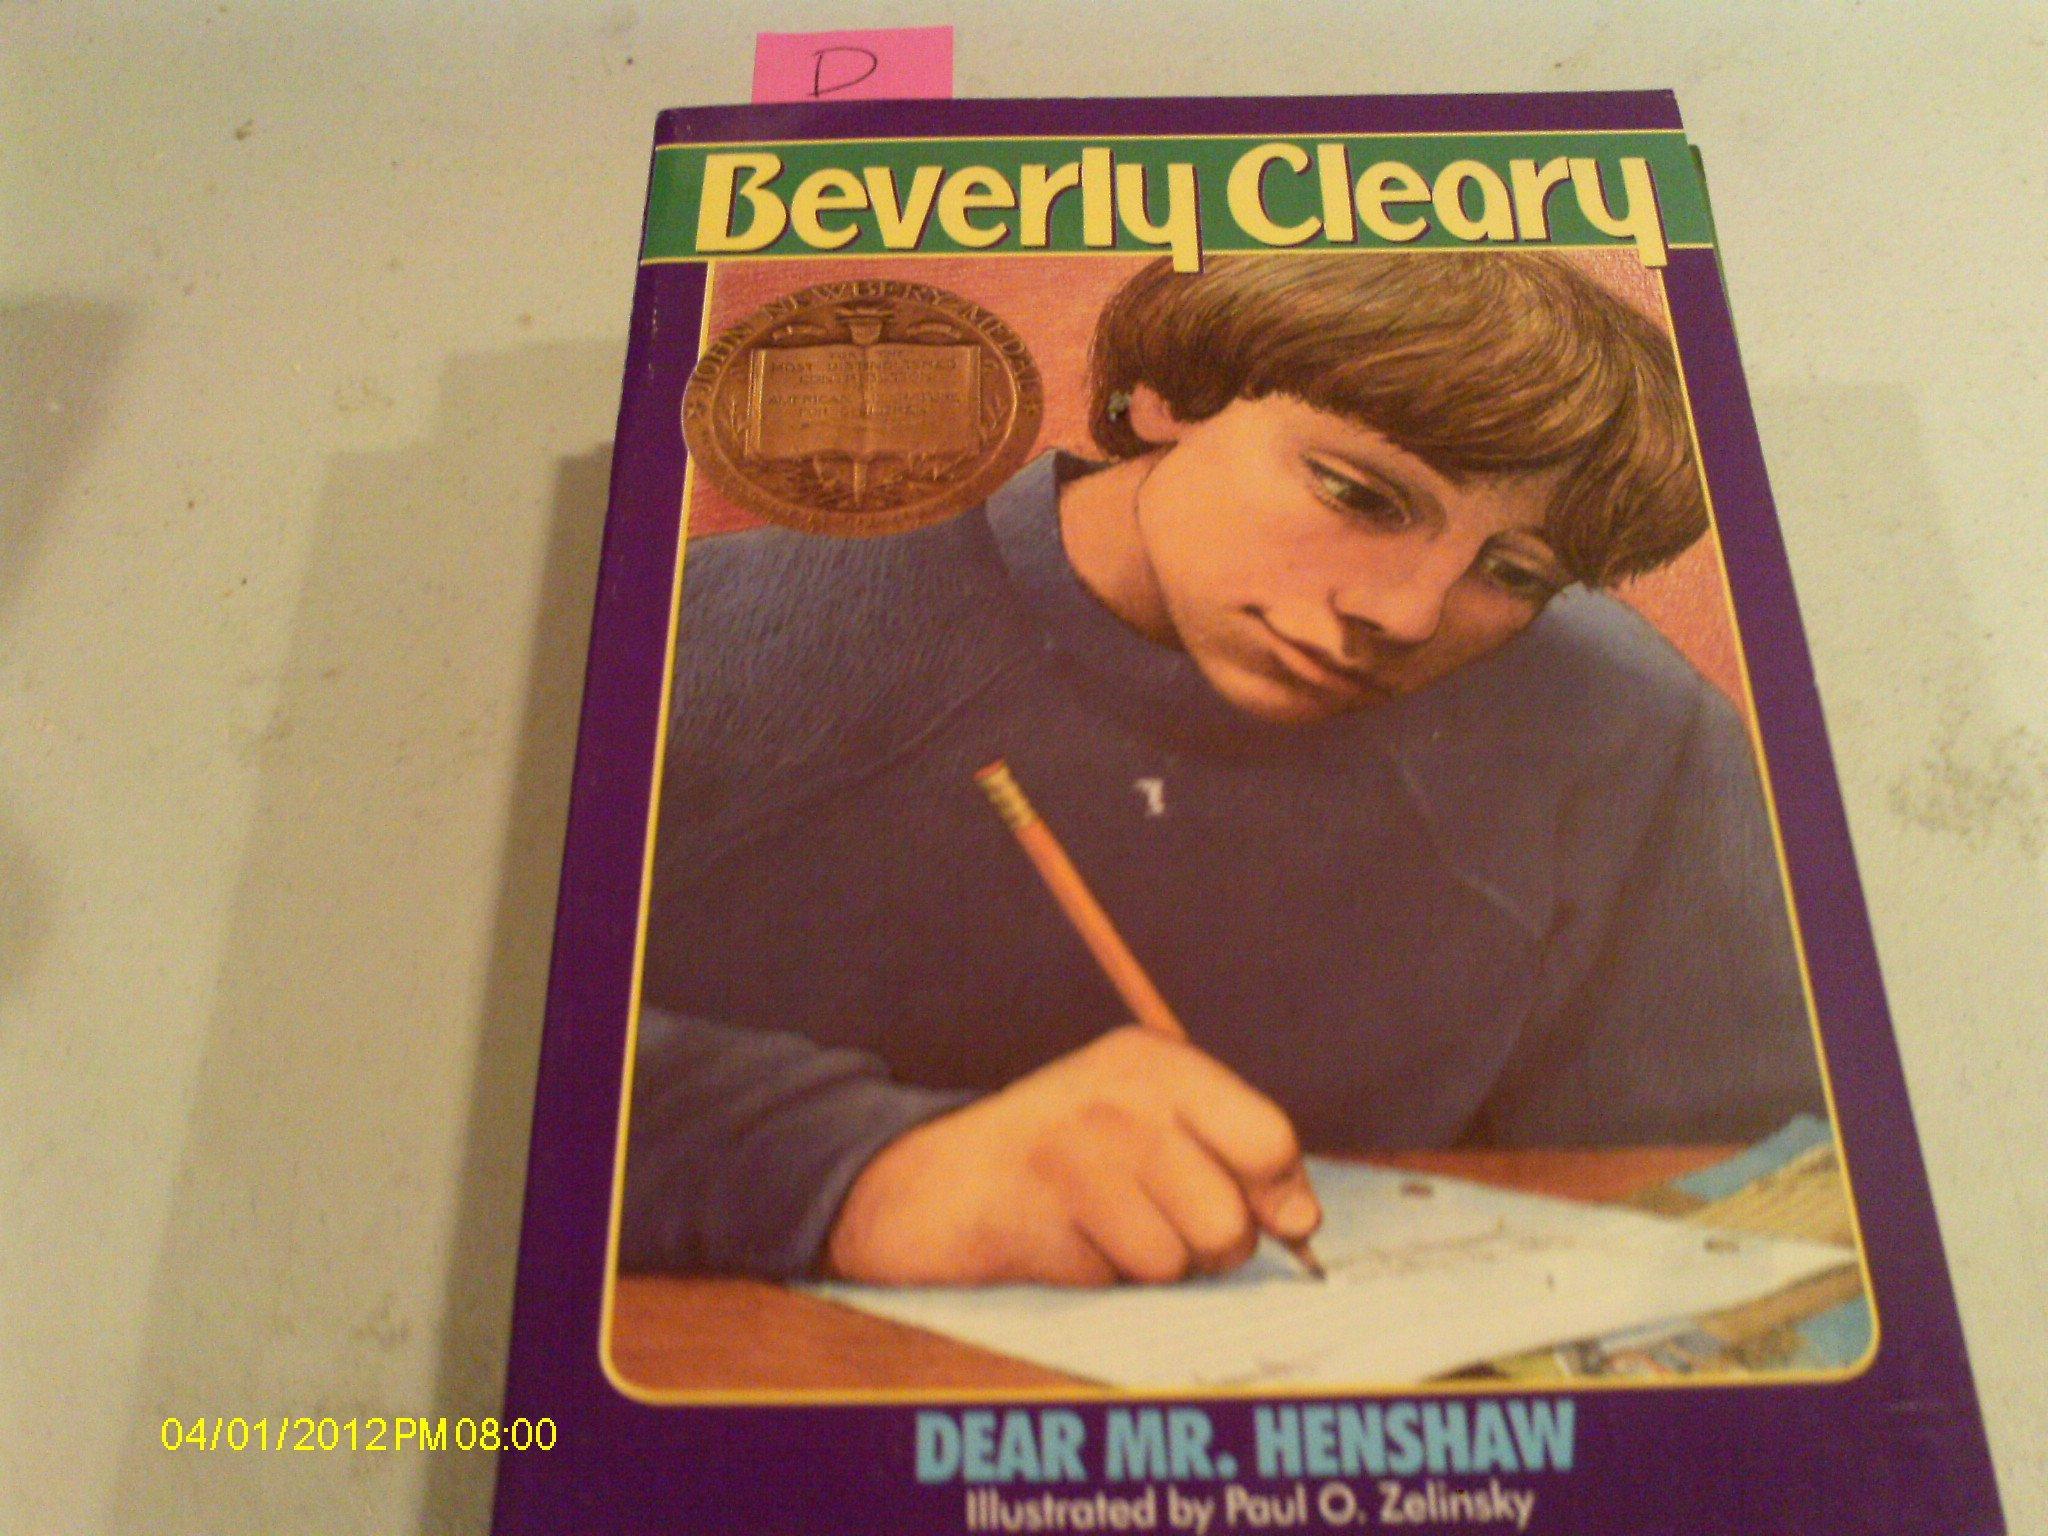 Download Dear Mr. Henshaw by Beverly Cleary, Paul O. Zelinsky (Illustrator) ebook